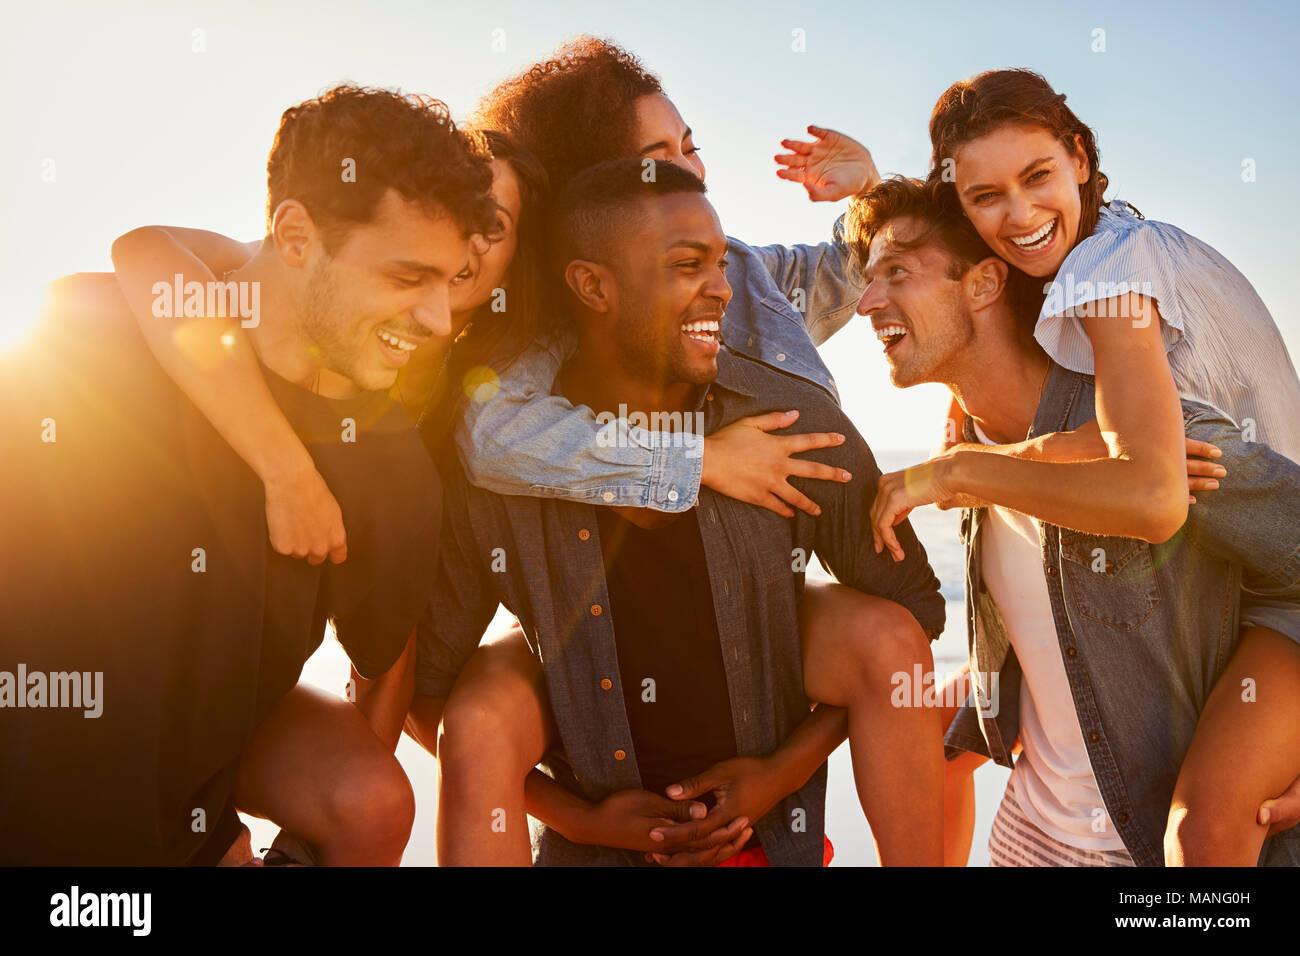 Gruppo di amici in vacanza avente Piggyback gara sulla spiaggia Immagini Stock